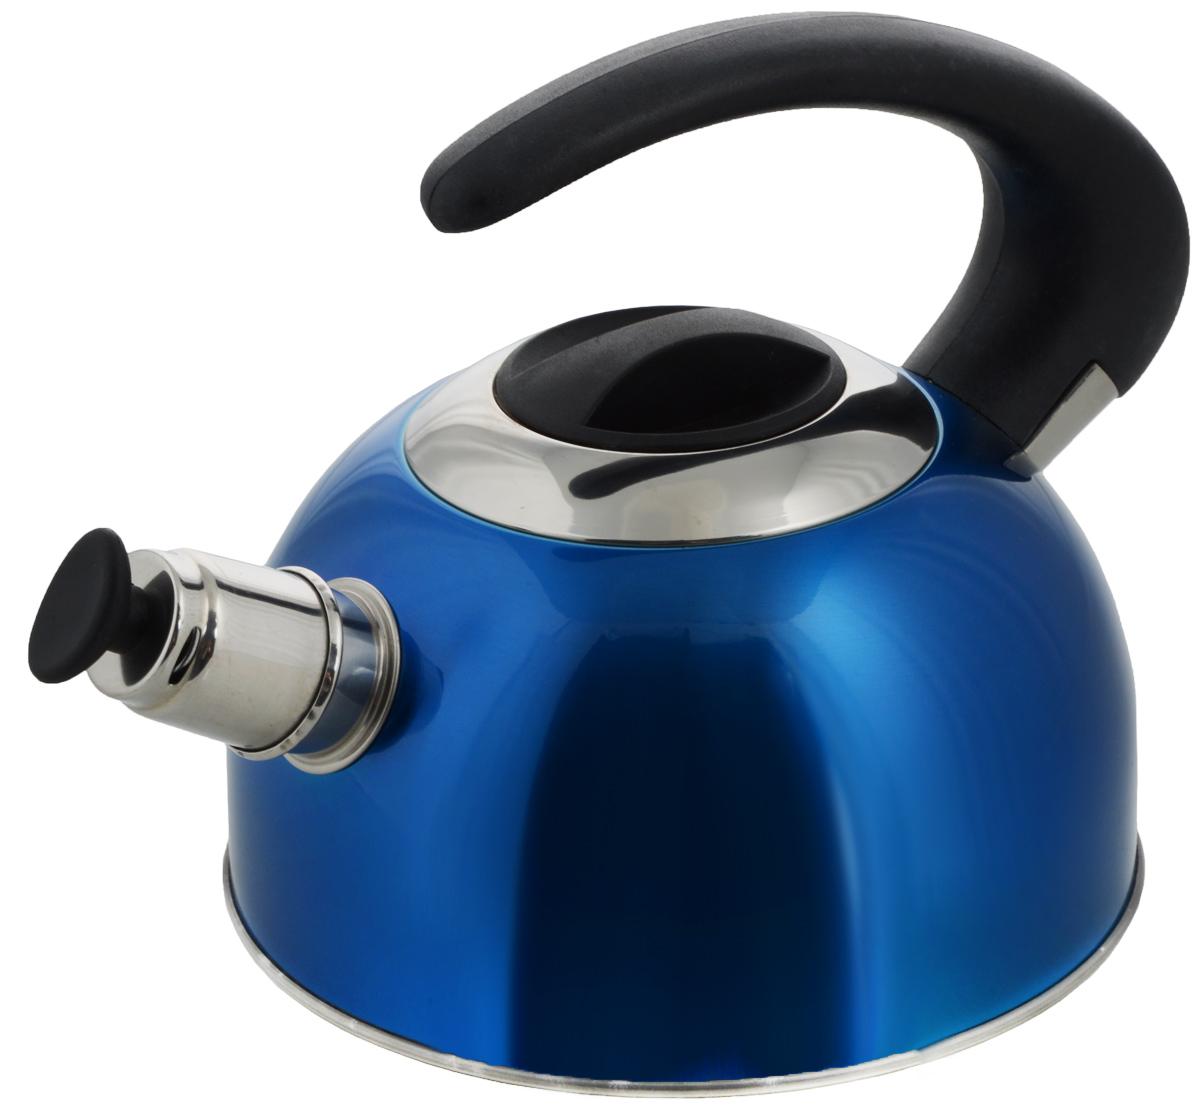 Чайник Calve, со свистком, цвет: синий, 1,8 лCL-1459_синийЧайник Calve изготовлен из высококачественной нержавеющей стали с термоаккумулирующим дном. Нержавеющая сталь обладает высокой устойчивостью к коррозии, не вступает в реакцию с холодными и горячими продуктами и полностью сохраняет их вкусовые качества. Особая конструкция дна способствует высокой теплопроводности и равномерному распределению тепла. Чайник оснащен бакелитовой удобной ручкой. Носик чайника имеет откидной свисток, звуковой сигнал которого подскажет, когда закипит вода. Подходит для всех типов плит, включая индукционные. Можно мыть в посудомоечной машине. Диаметр чайника (по верхнему краю): 10,5 см. Высота чайника (без учета ручки и крышки): 10 см. Высота чайника (с учетом ручки): 18 см.